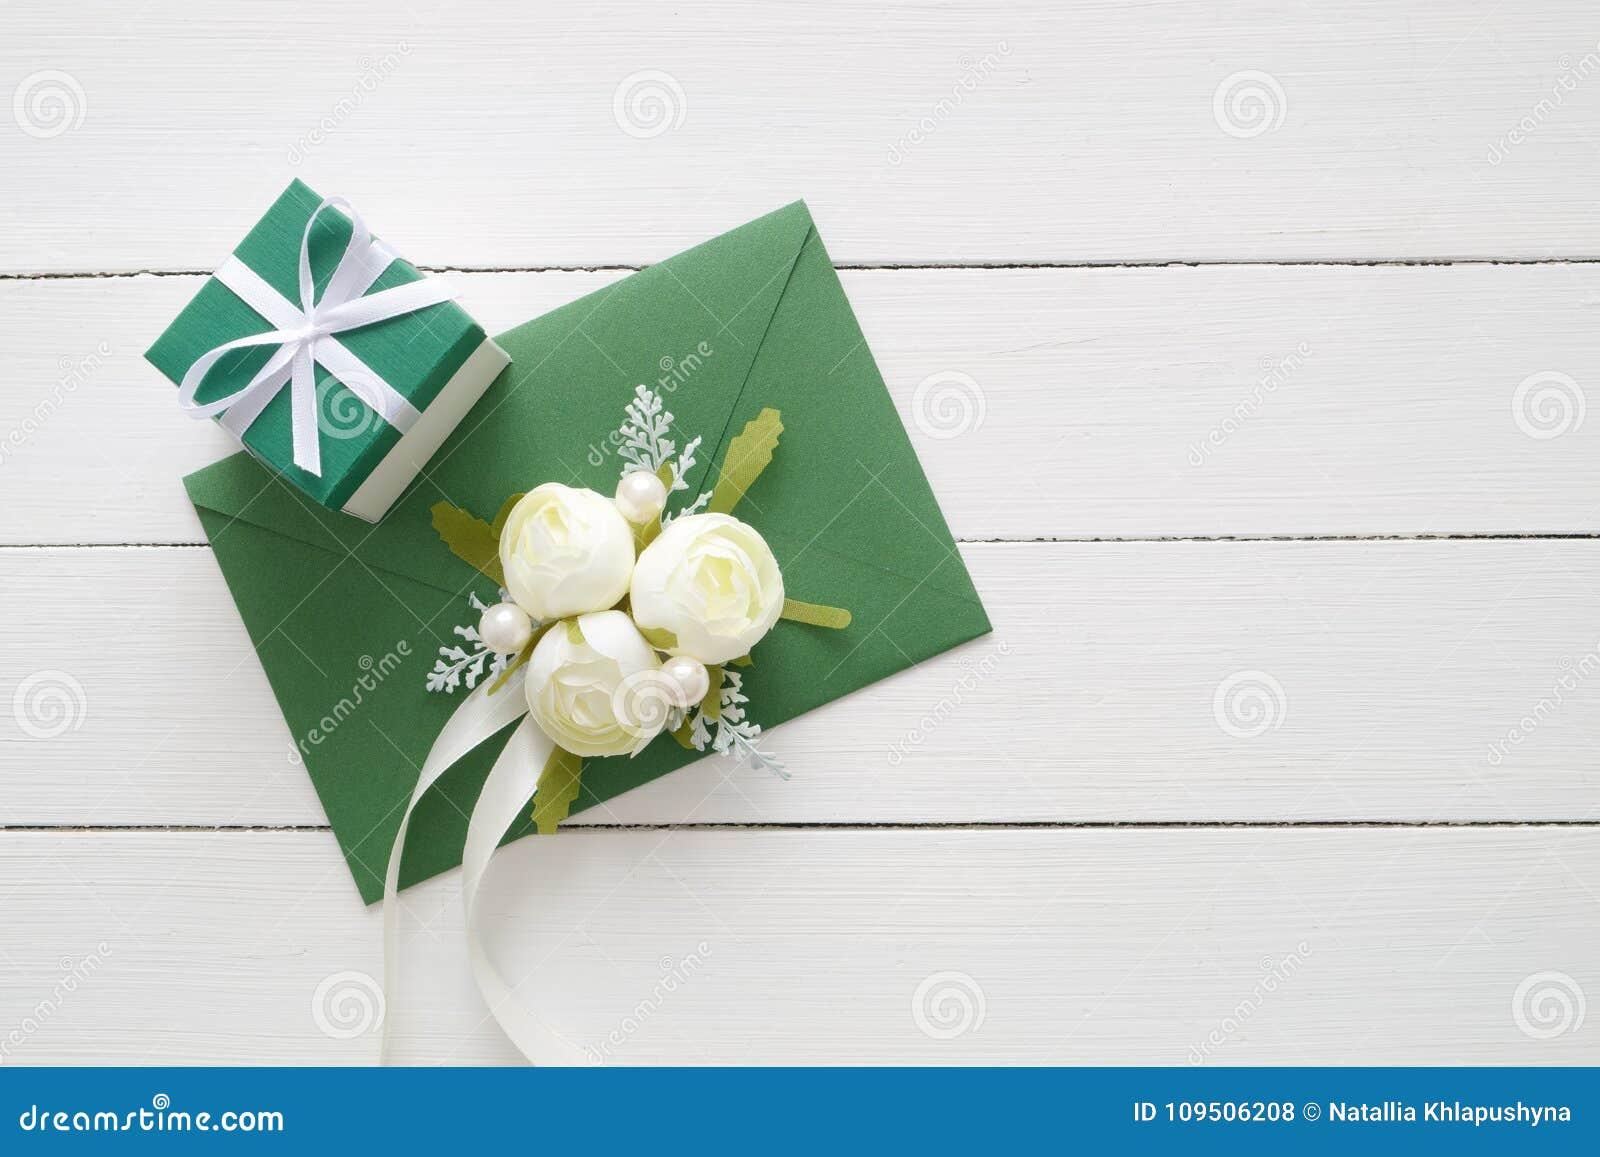 La tarjeta de la invitación de la boda o la letra de día de las tarjetas del día de San Valentín en el sobre verde adornado con l